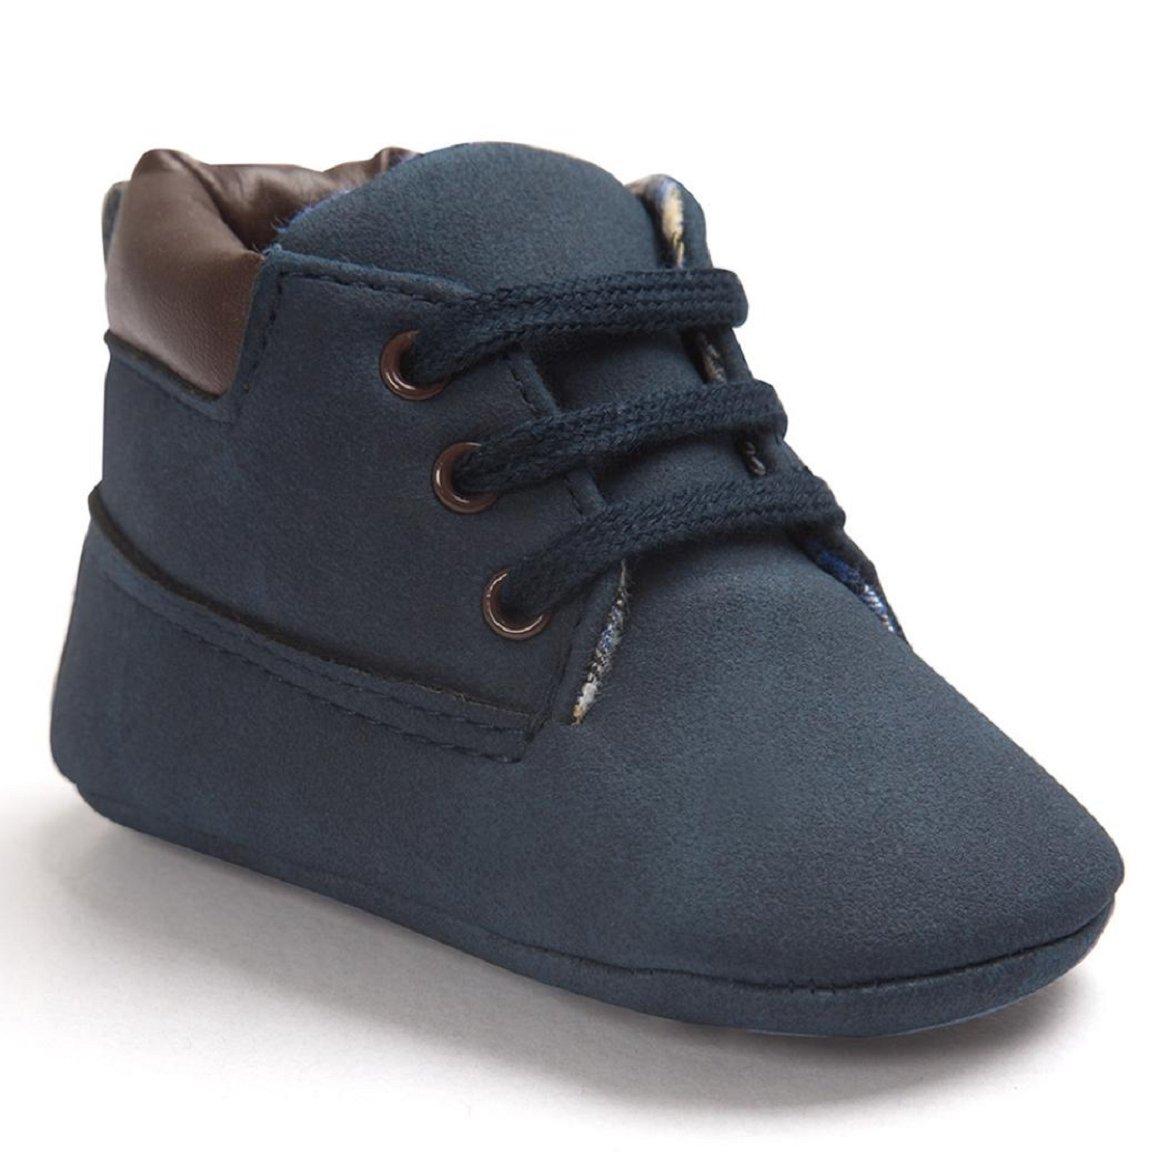 OverDose Unisex-Baby Weiche Warme Sohle Leder/Baumwolle Schuhe Infant Jungen-Mädchen-Kleinkind Schuhe 0-6 Monate 6-12 Monate 12-18 Monate 233